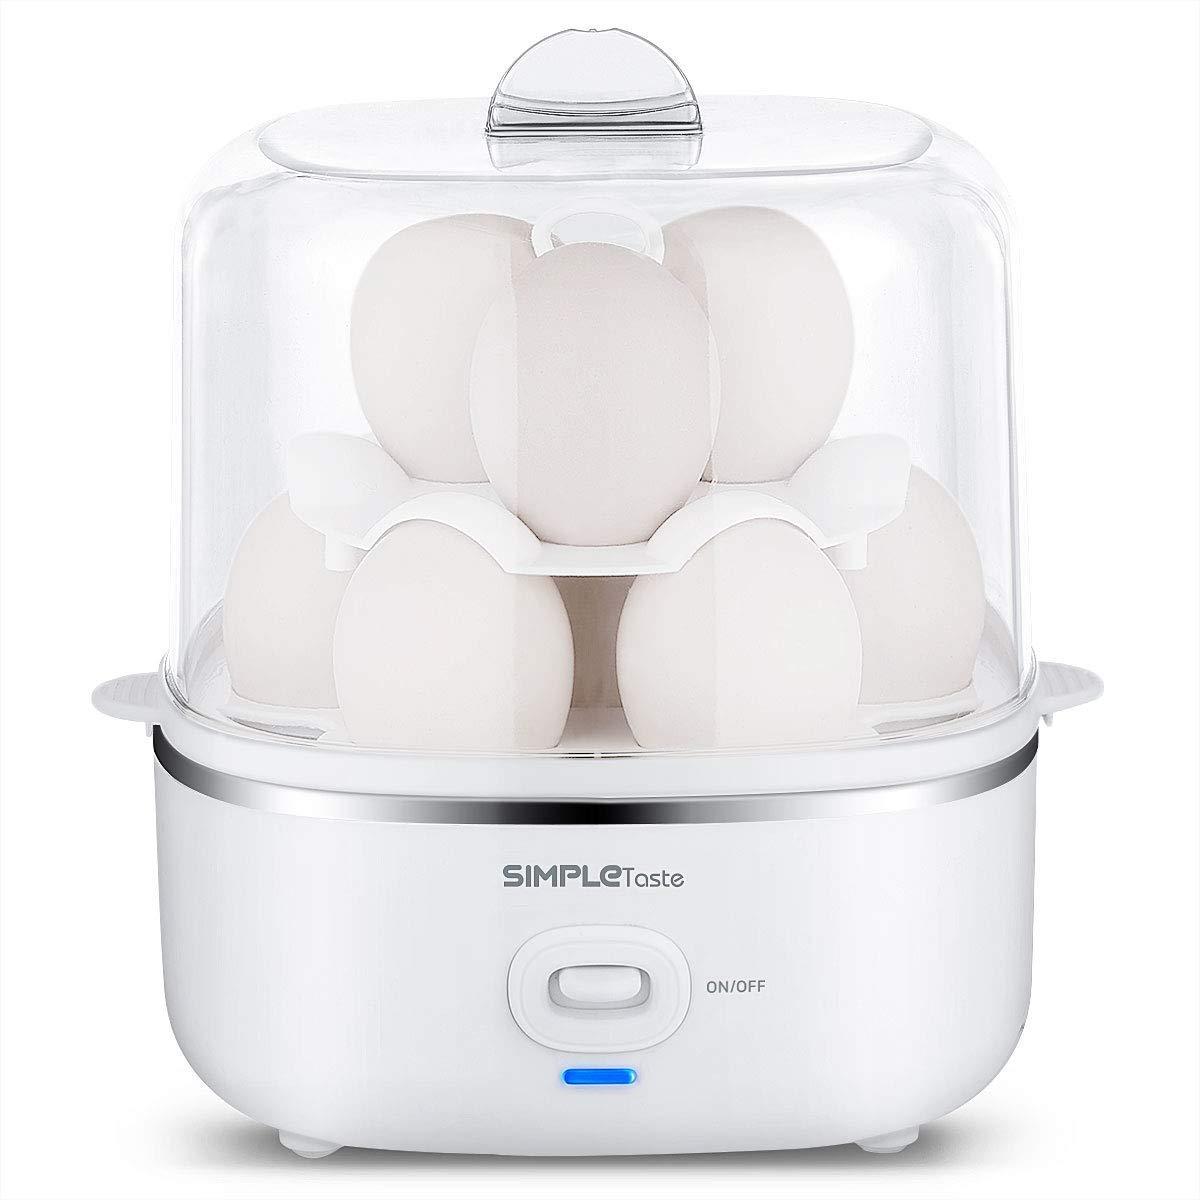 Weiß Neu 350W Eierkocher Elektrischer Edelstahl für 1-7 Eier